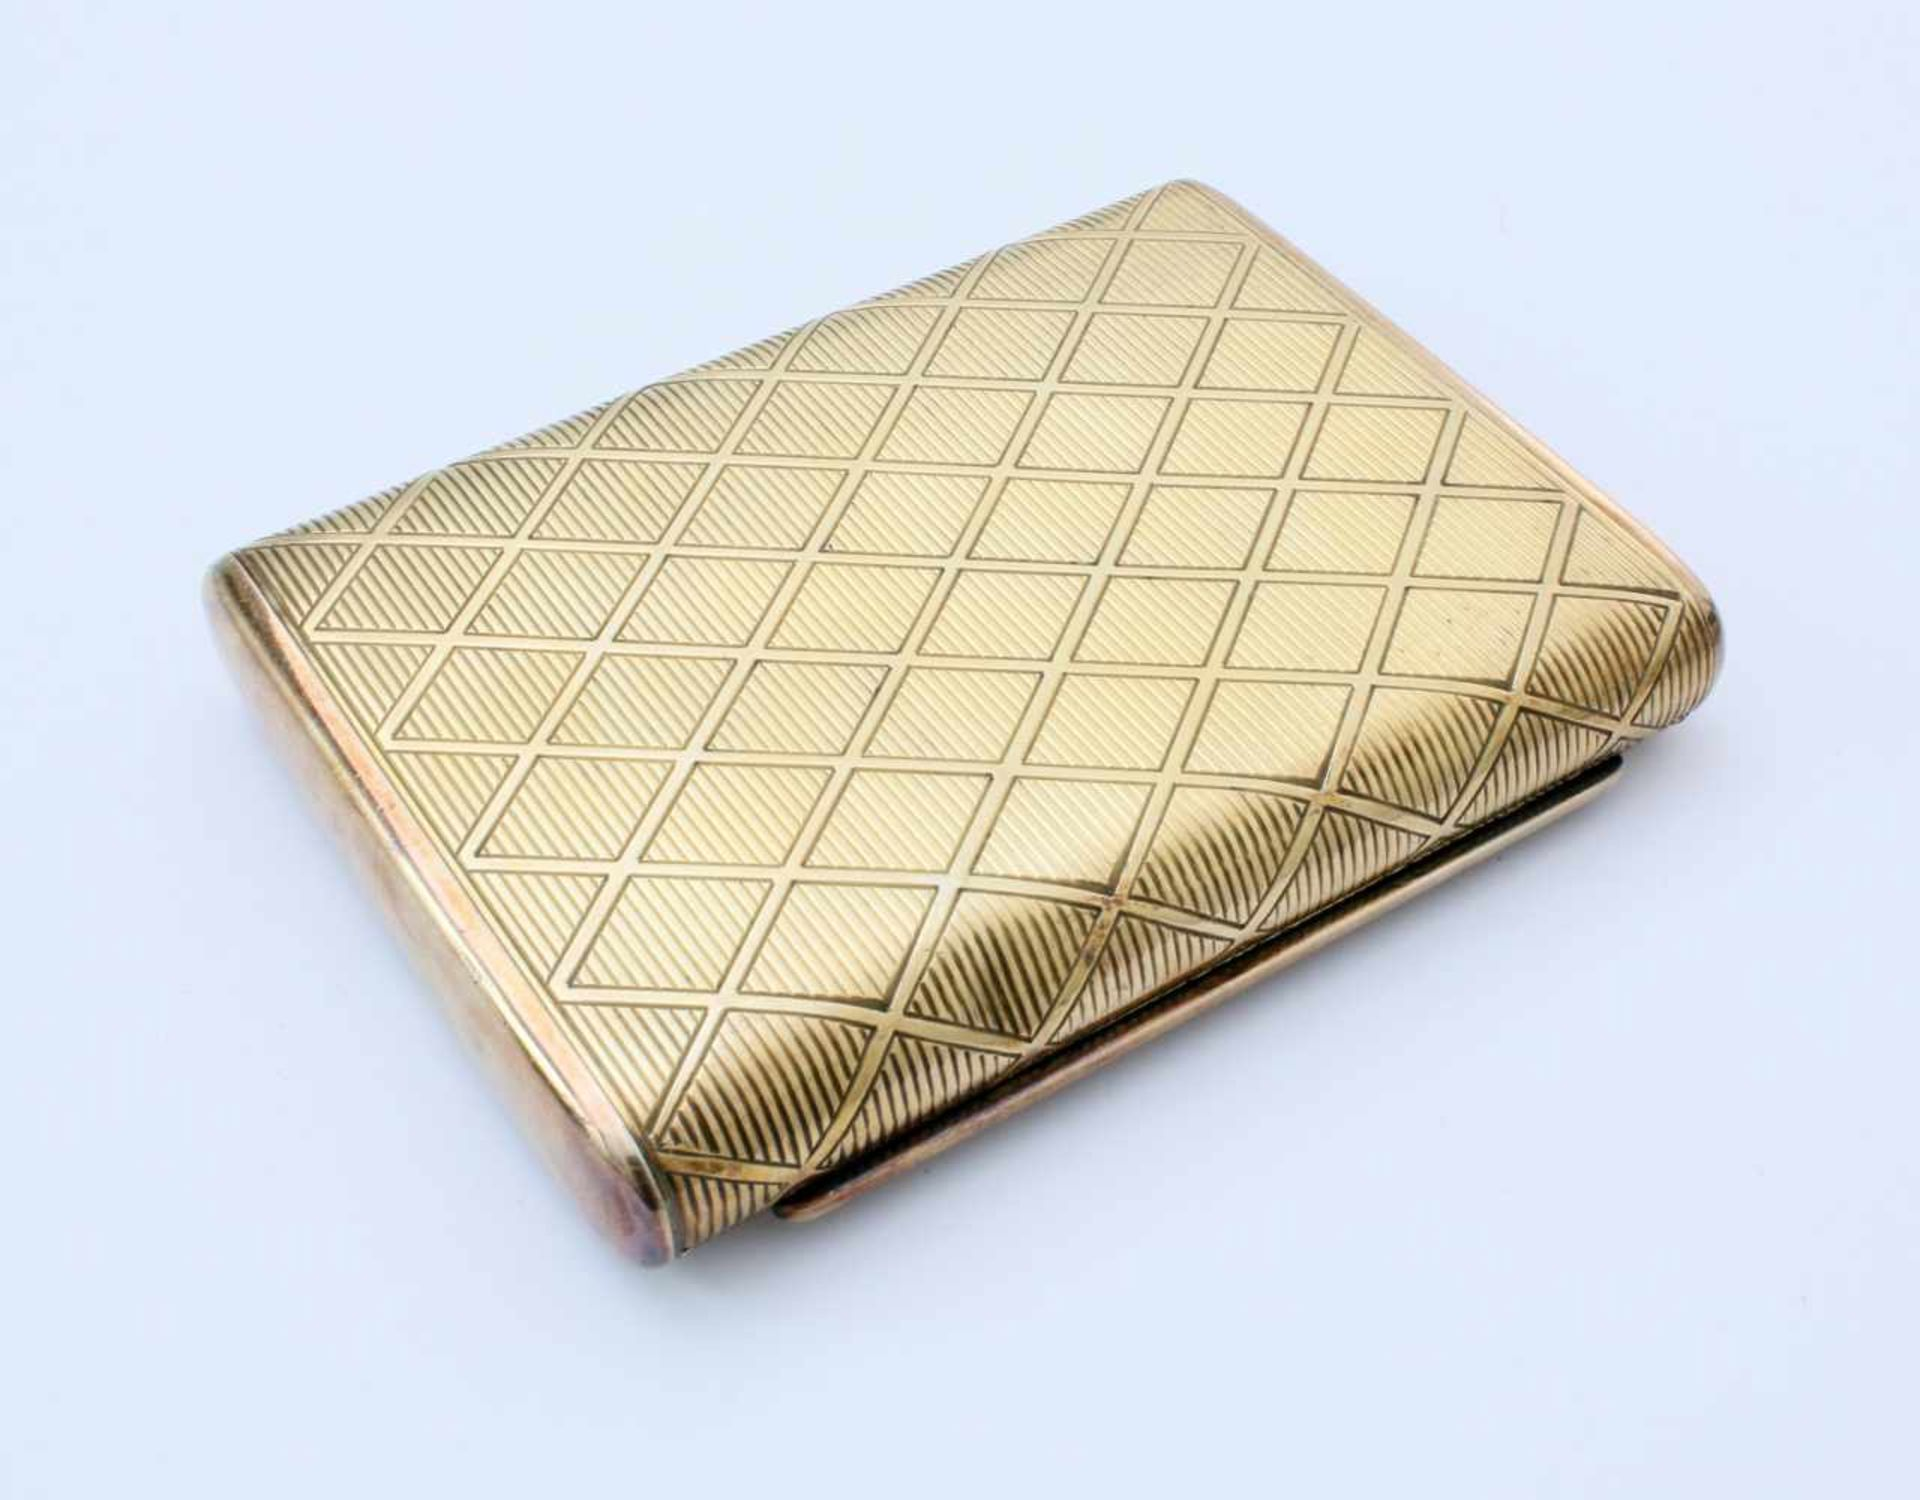 Silbernes und vergoldetes Zigarettenetui925er Silber, Hersteller wohl Gideon Bek, Pforzheim (